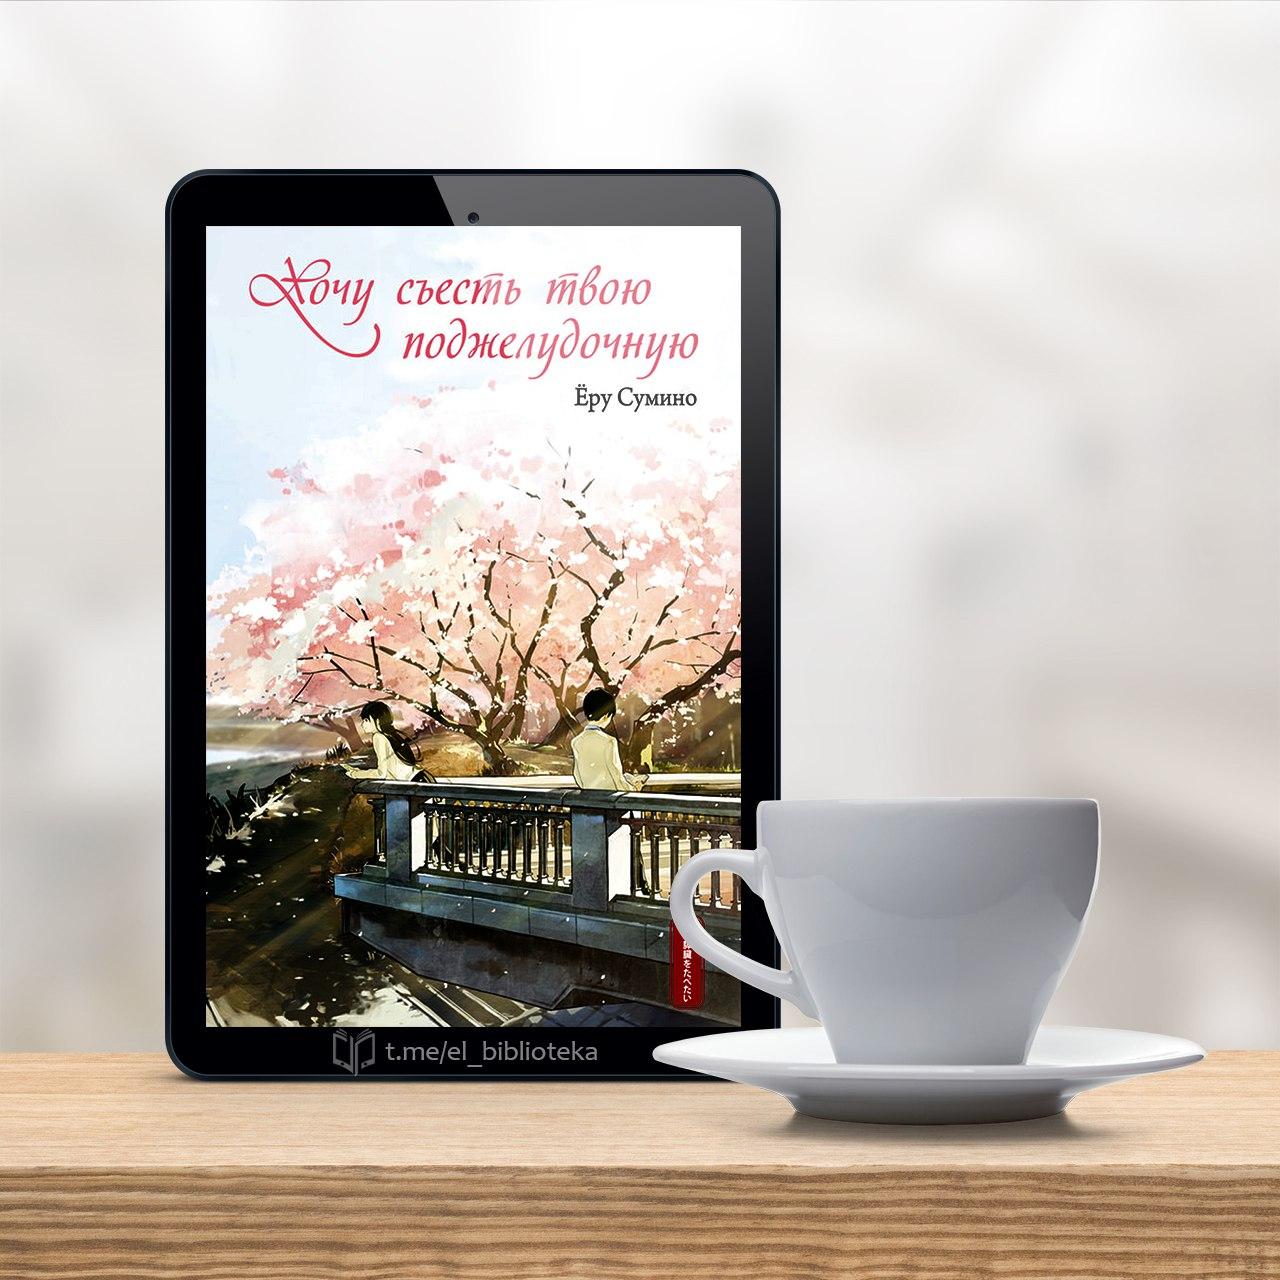  Хочу съесть твою поджелудочную  Автор:  Сумино_Ёру  Год издания: 2019...